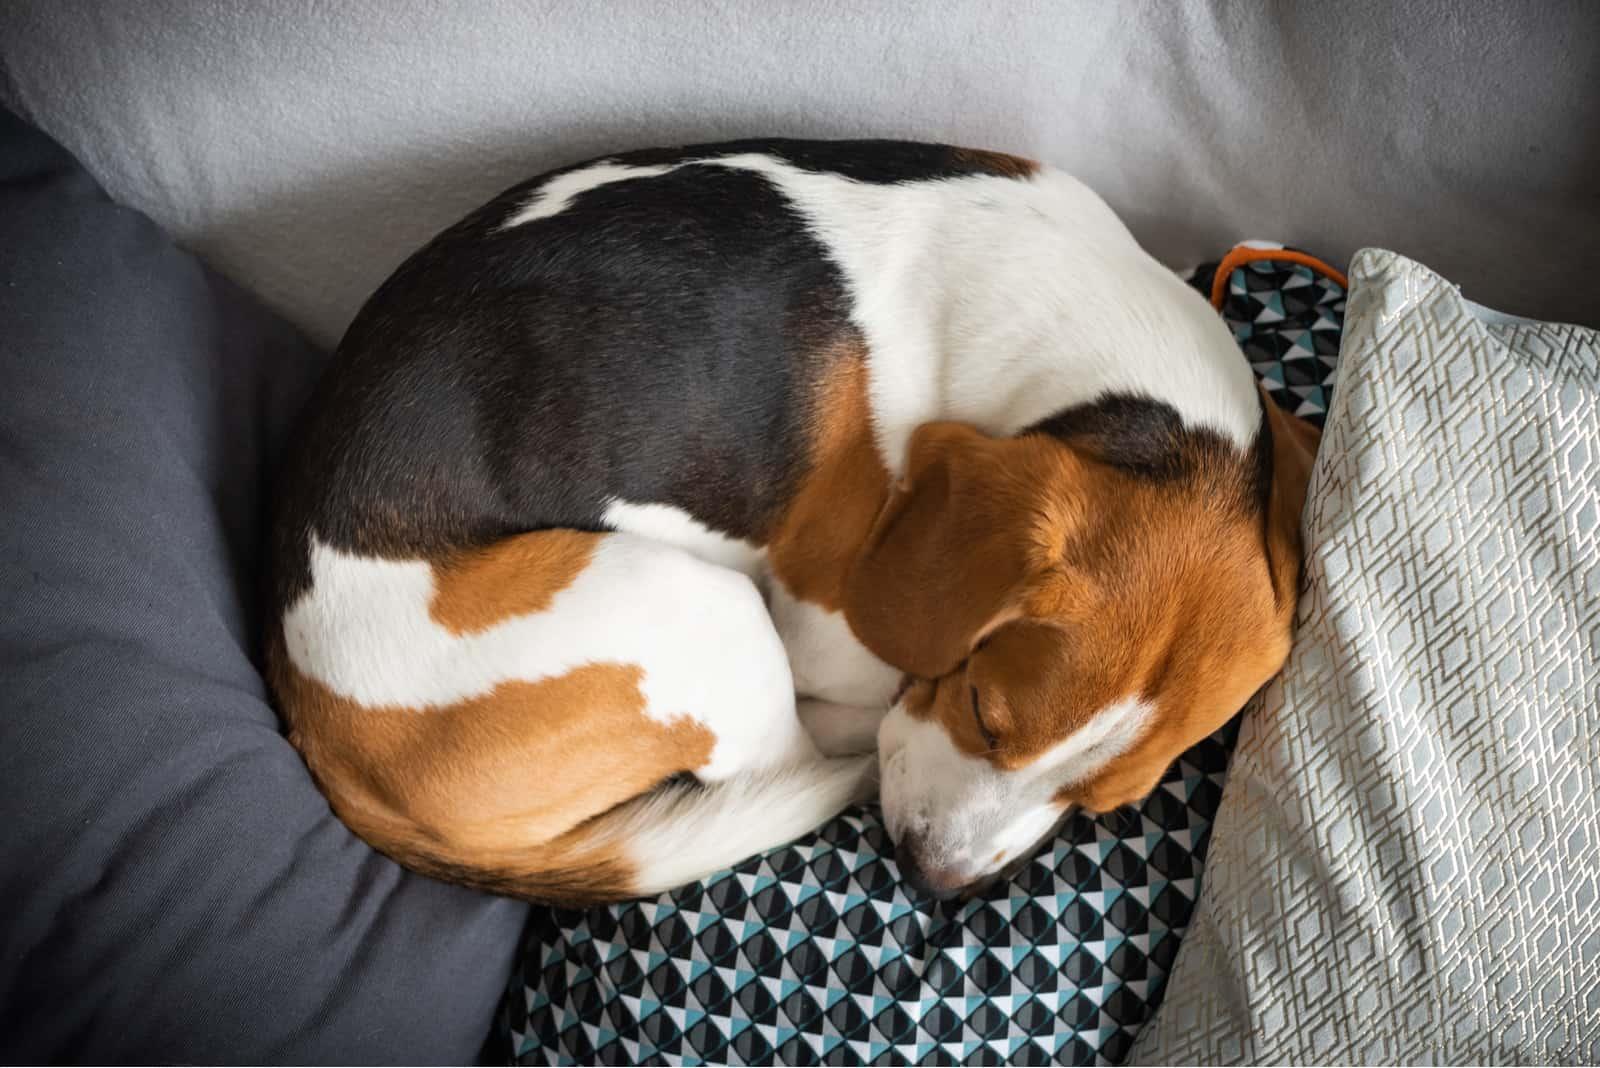 Schlafender Beagle auf dem Sofa im Wohnzimmer